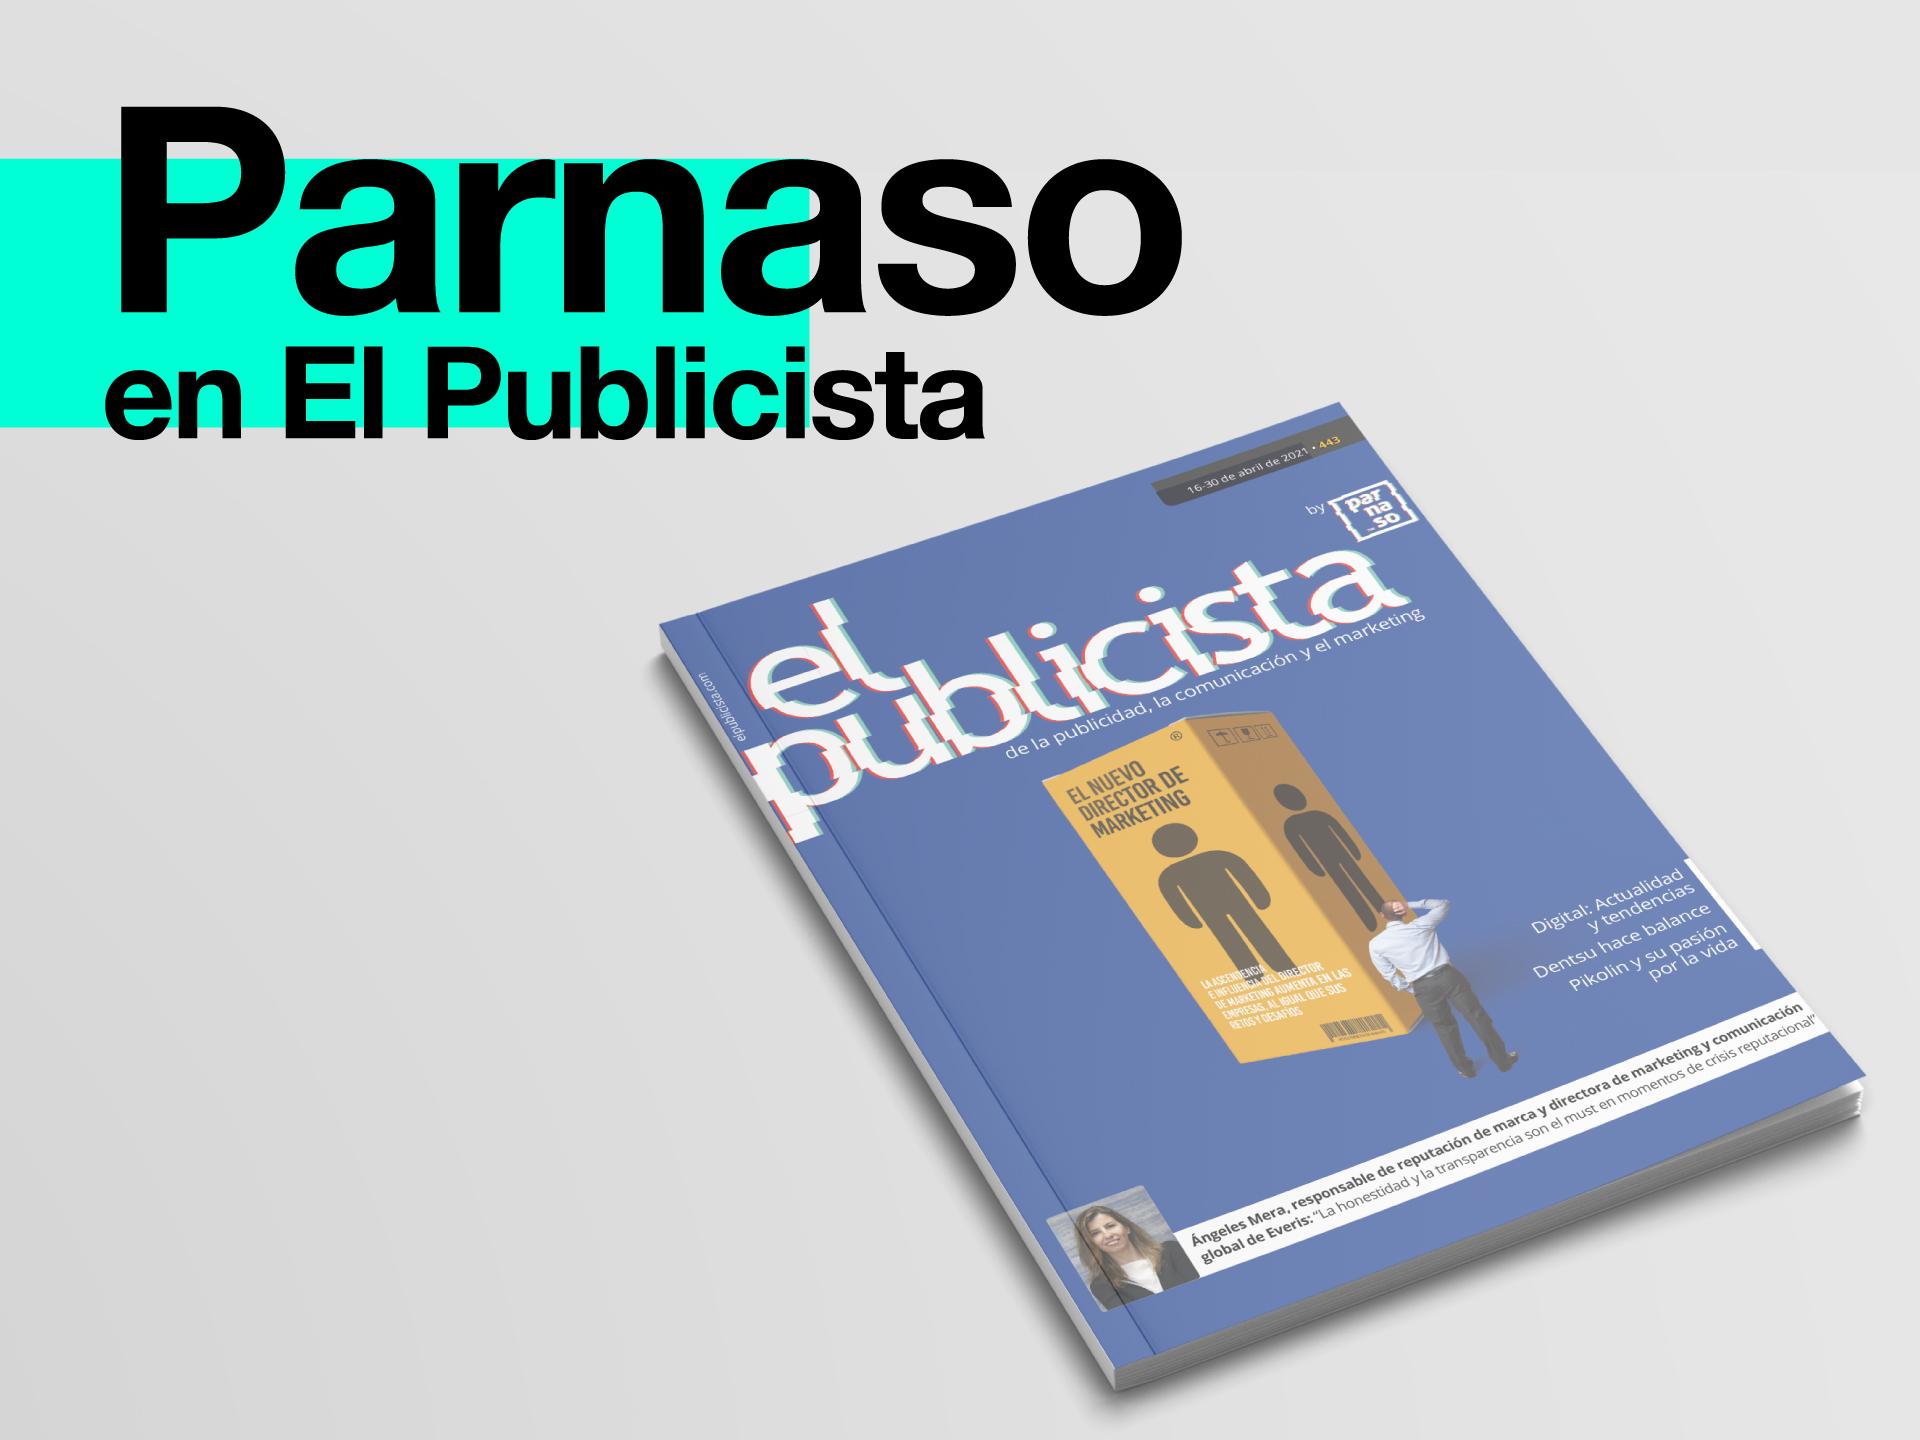 Parnaso en El Publicista